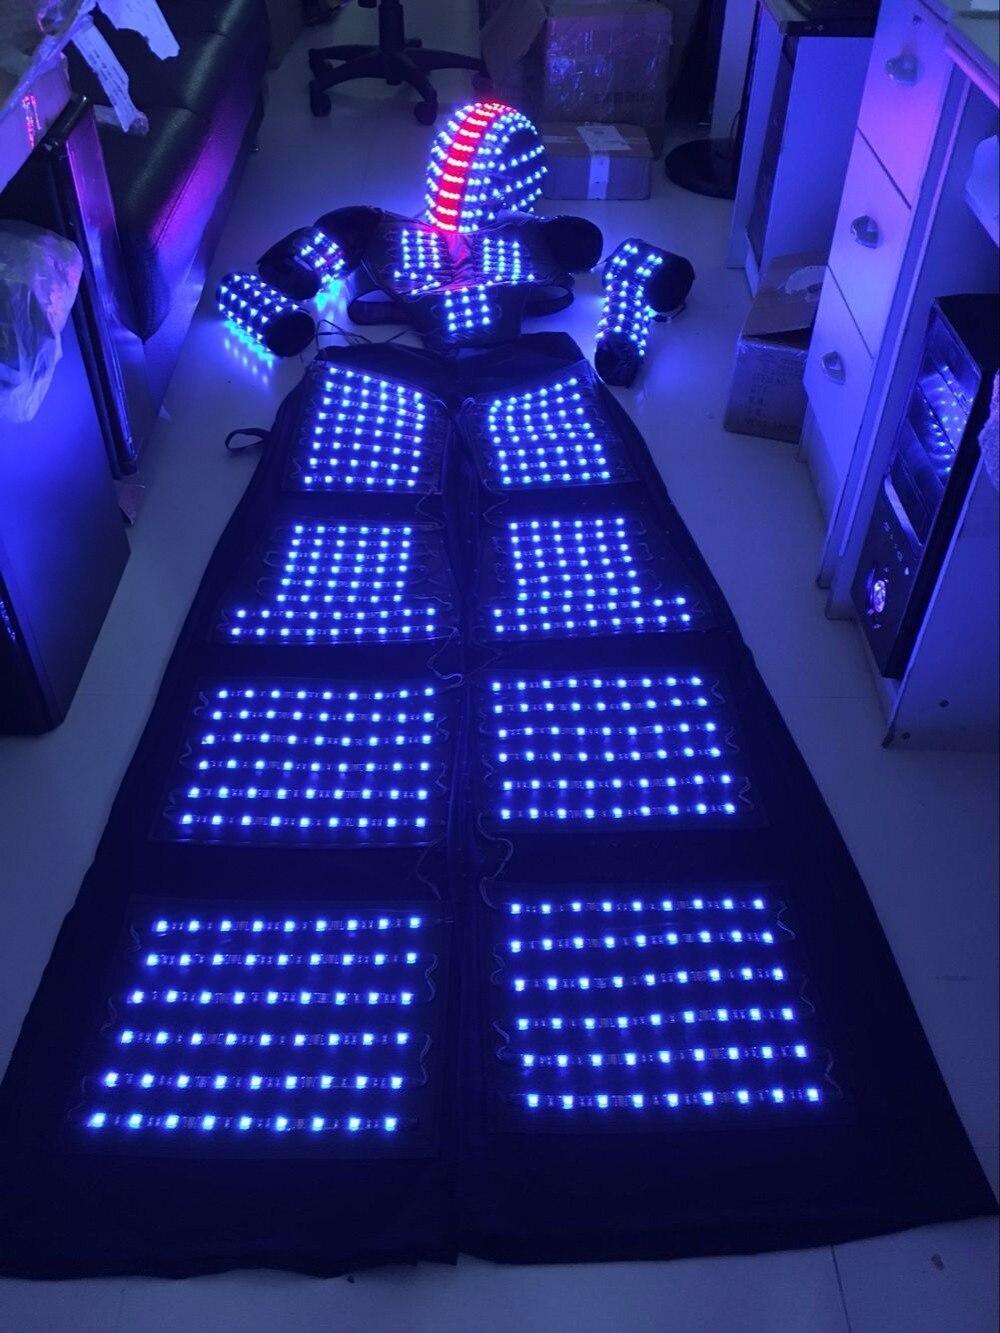 led costume led clothing light suits led robot suits robot led lights costumes on aliexpress. Black Bedroom Furniture Sets. Home Design Ideas